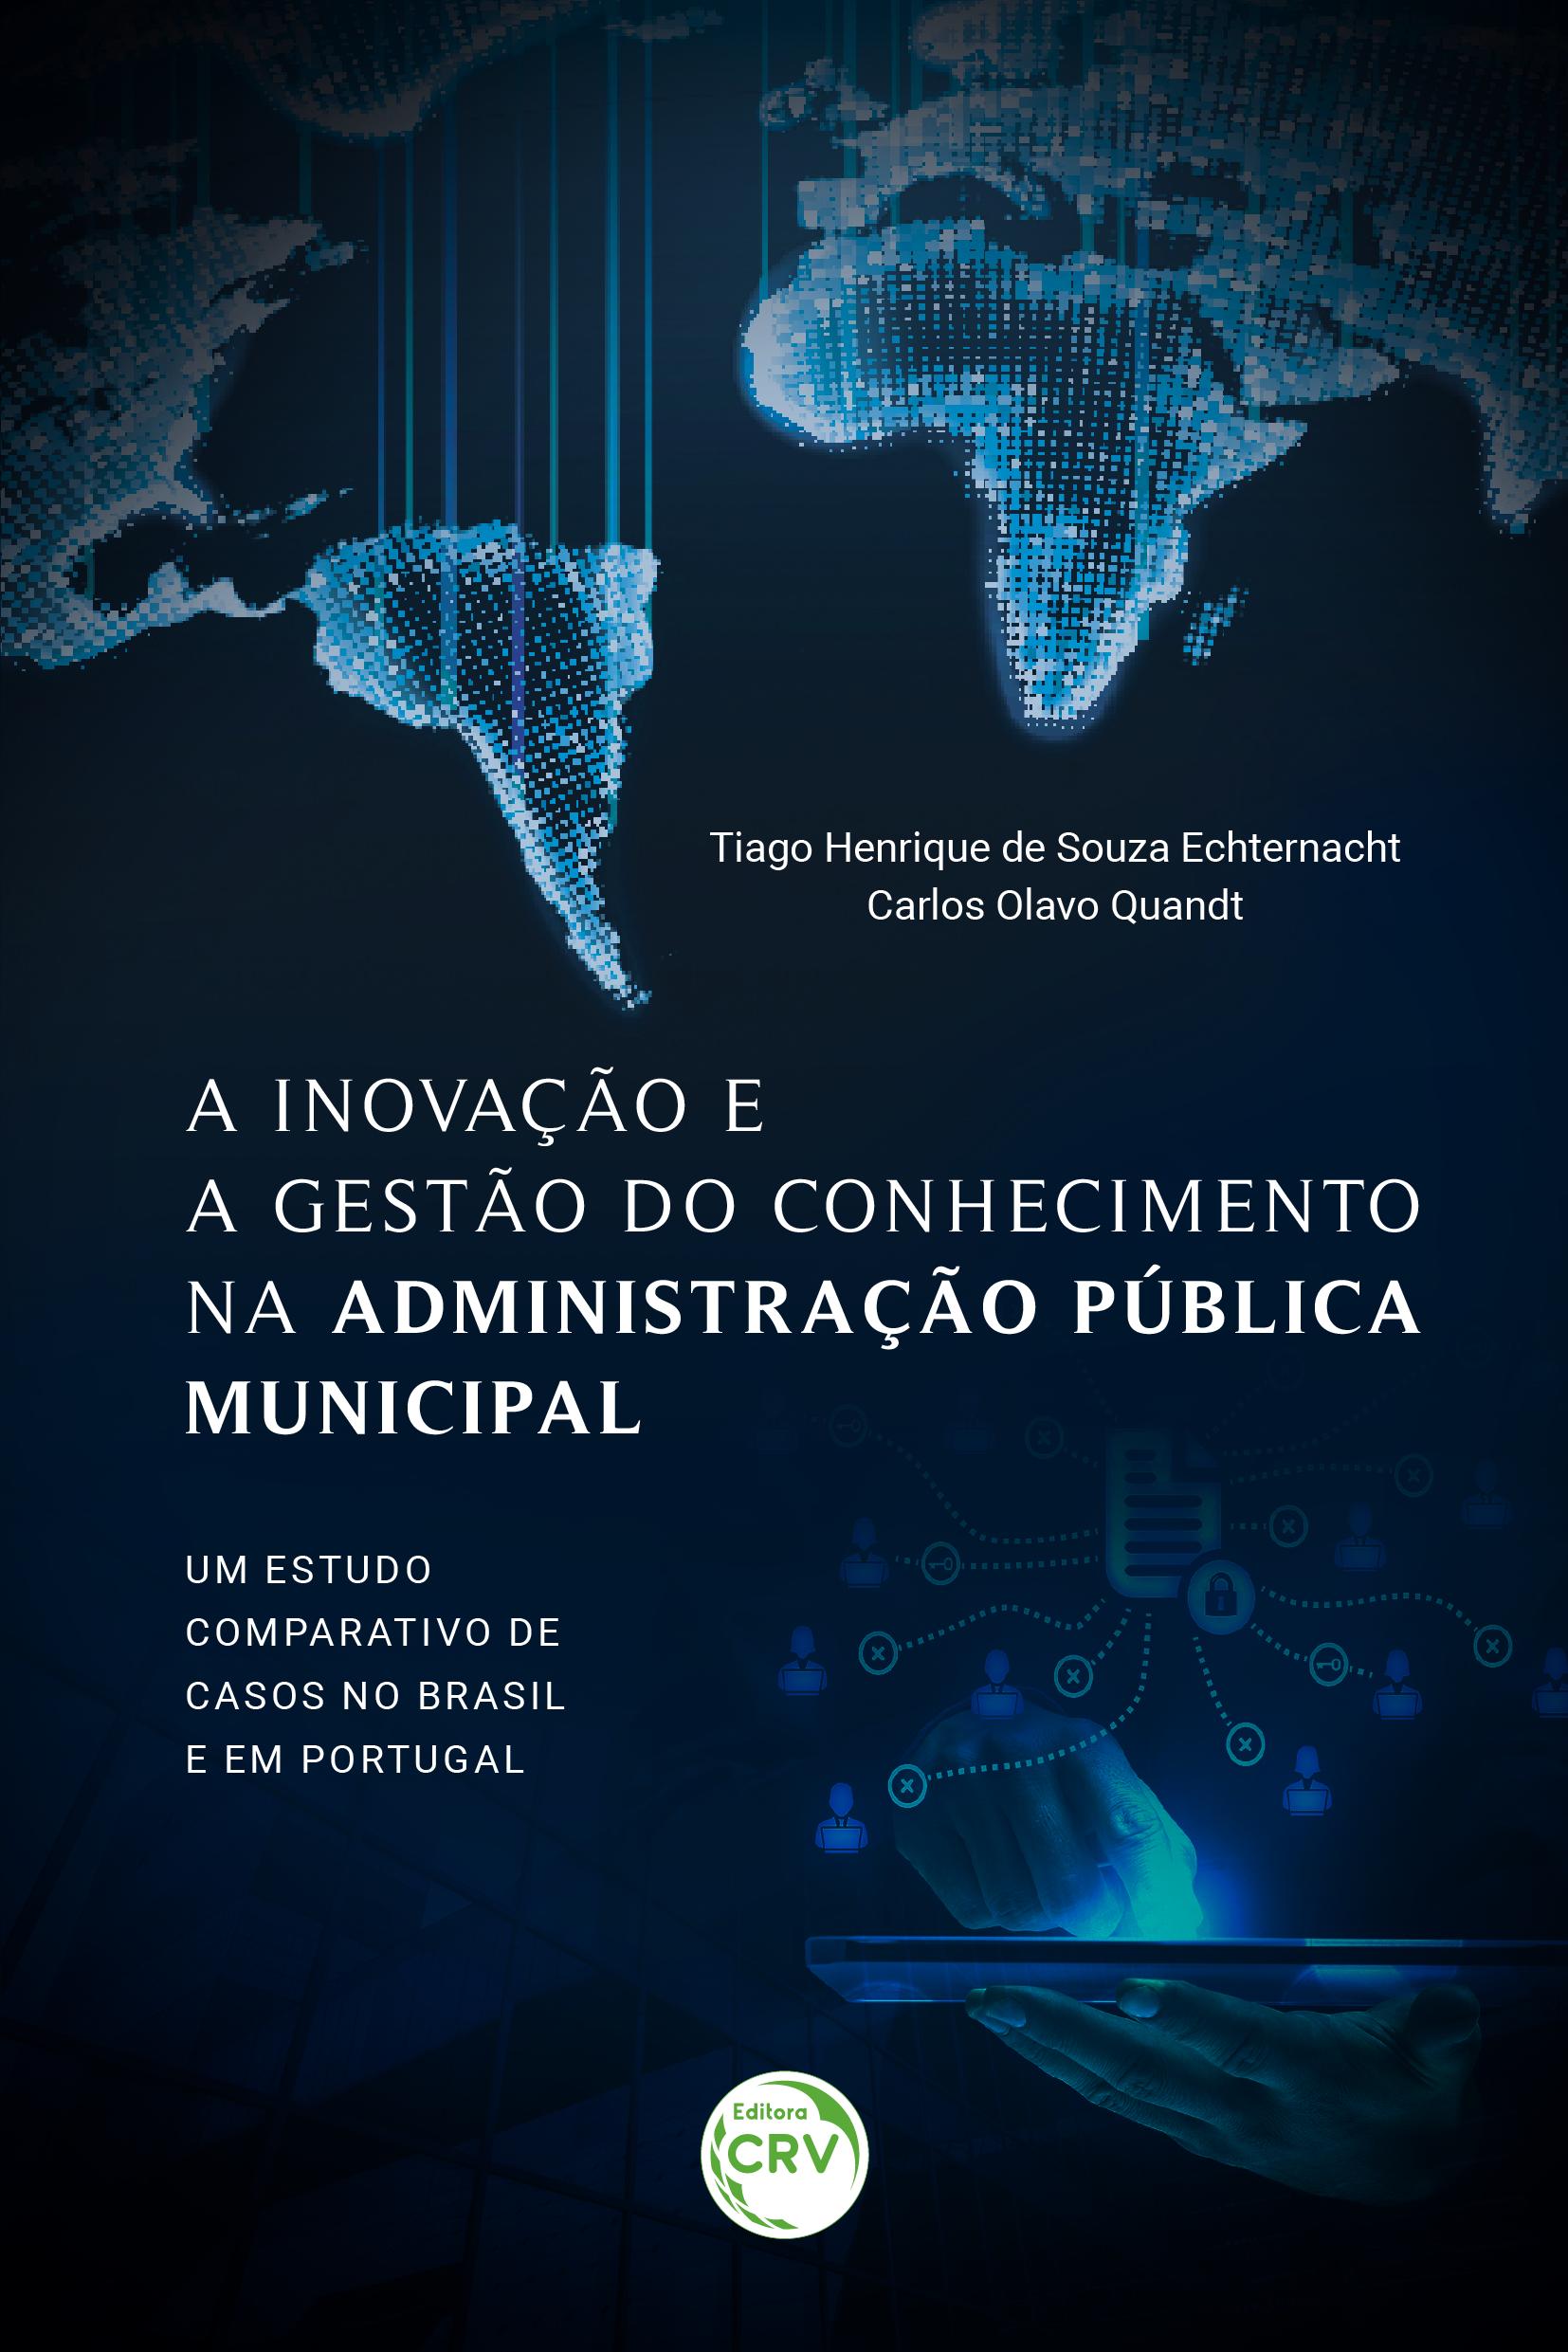 Capa do livro: A INOVAÇÃO E A GESTÃO DO CONHECIMENTO NA ADMINISTRAÇÃO PÚBLICA MUNICIPAL: <BR>um estudo comparativo de casos no Brasil e em Portugal